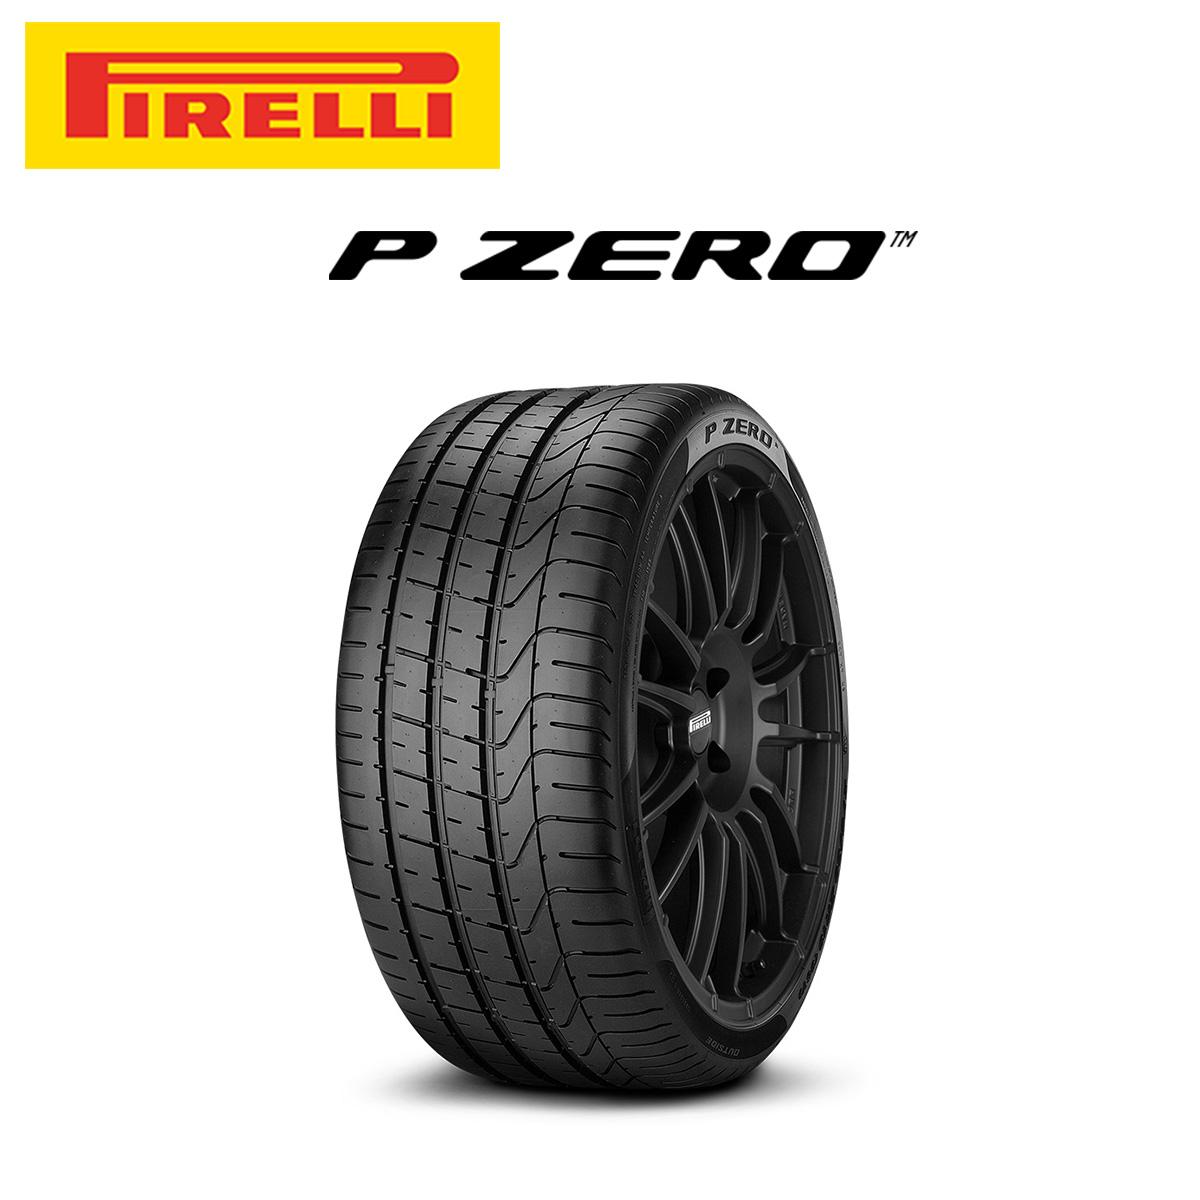 ピレリ PIRELLI P ZERO ピーゼロ 20インチ サマー タイヤ 1本 265/45R20 104Y N0:ポルシェ承認タイヤ 2206000